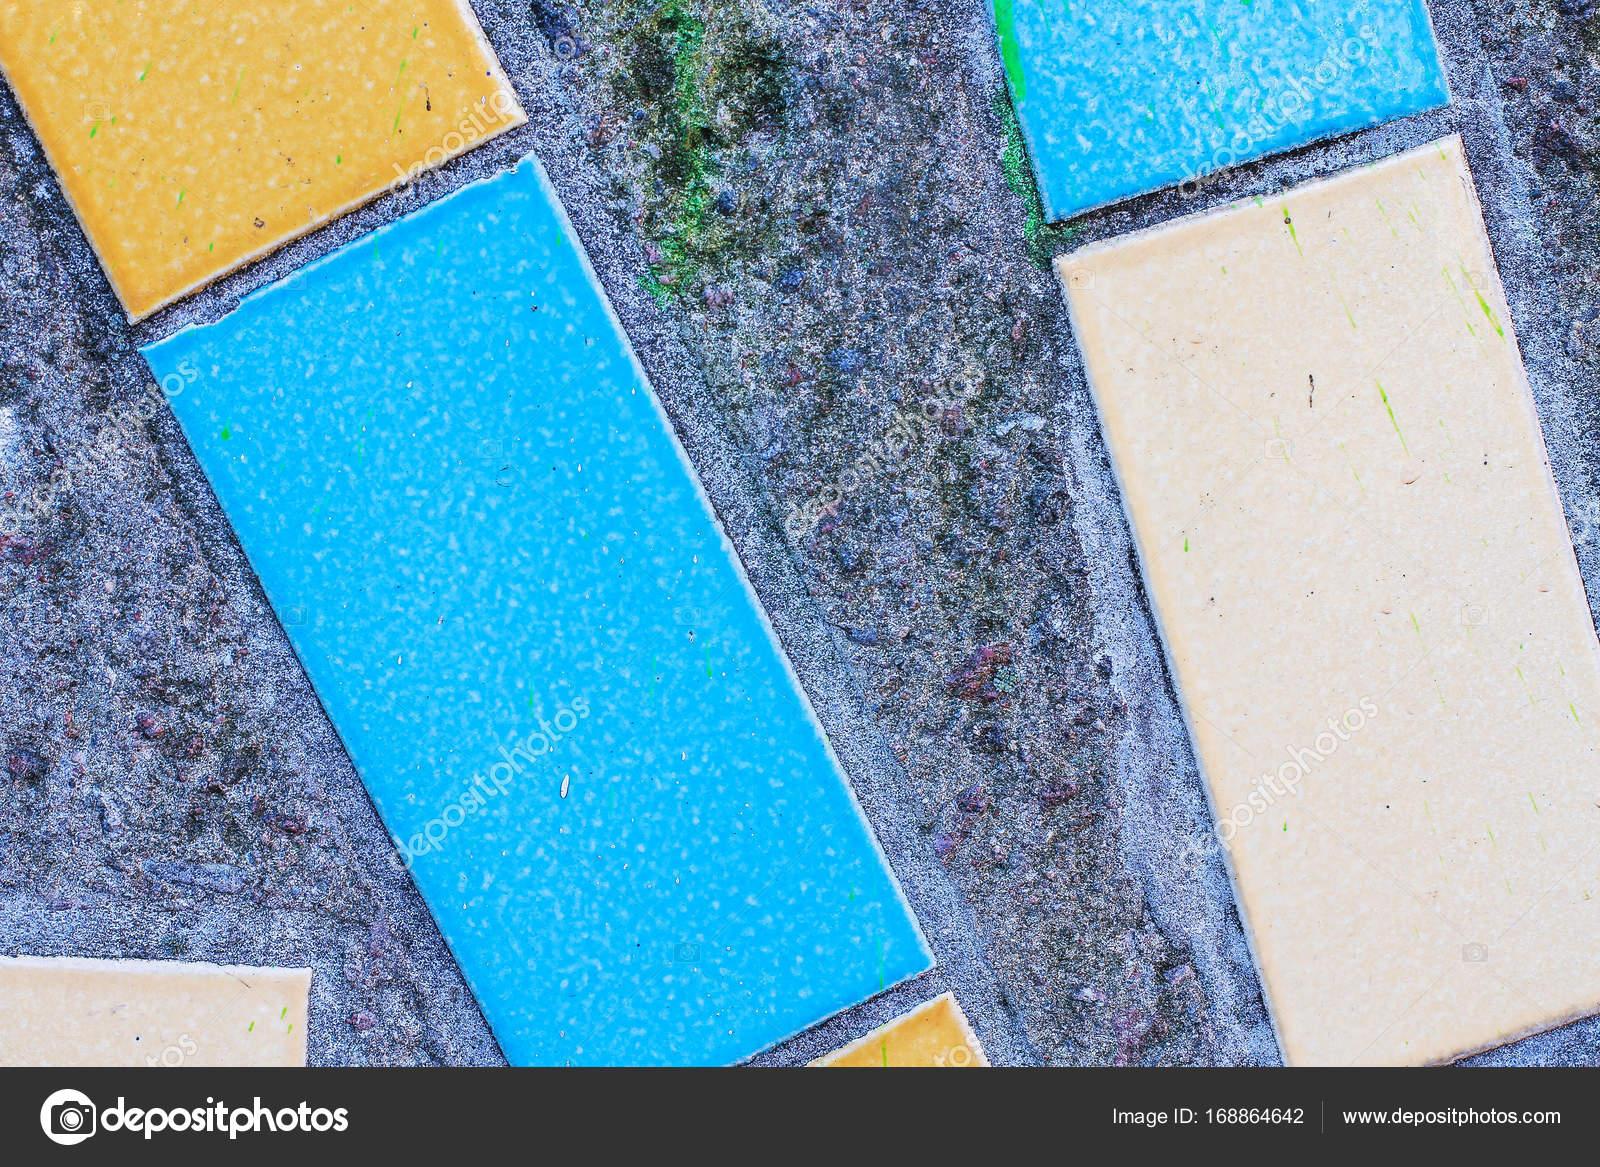 Grandi piastrelle rettangolari di colori blu sulla superficie del